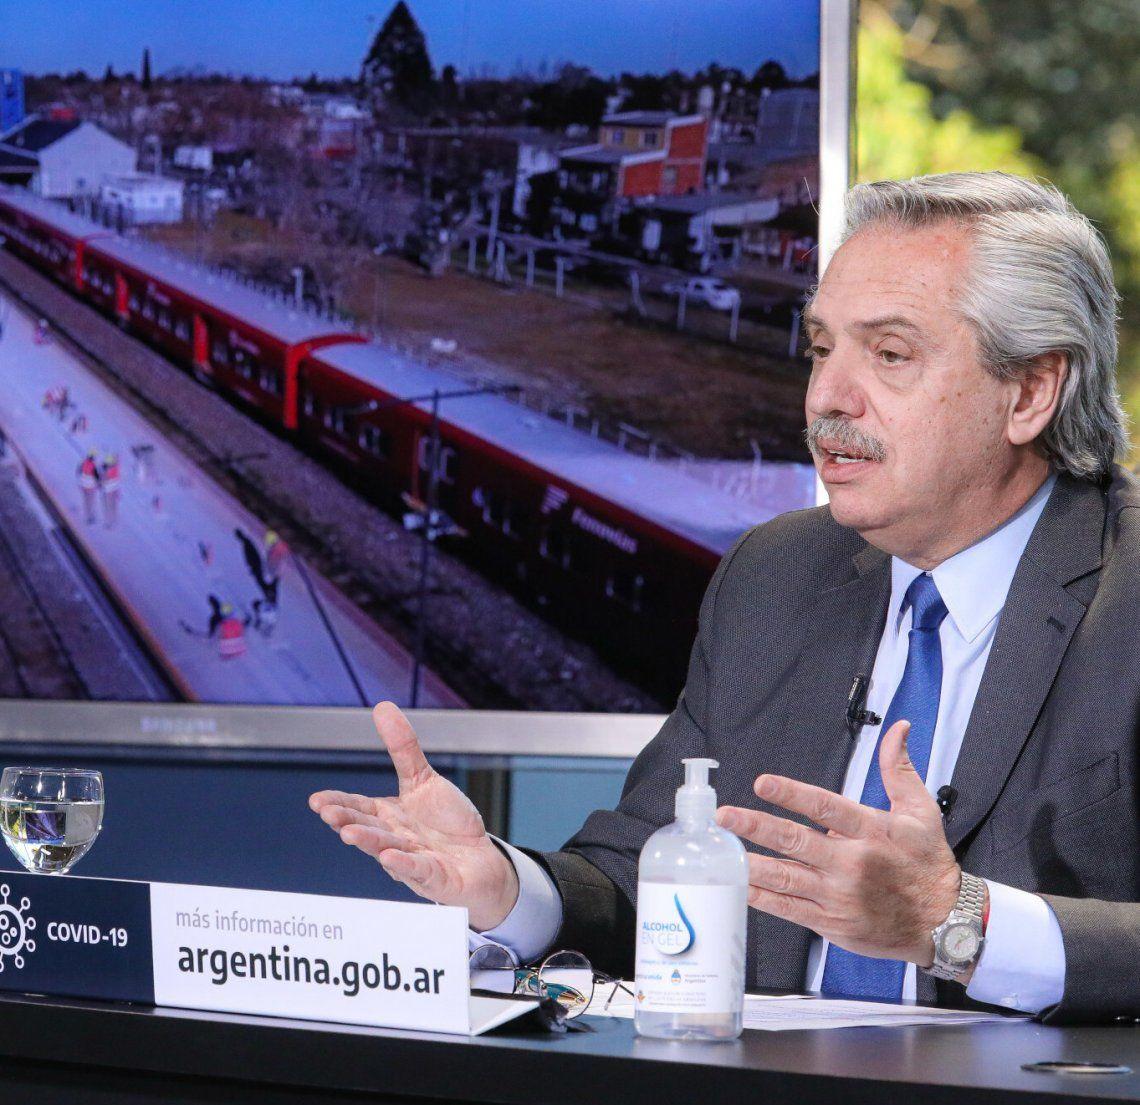 Estiman que las obras ferroviarias generarán más de 2.700 puestos de trabajo.